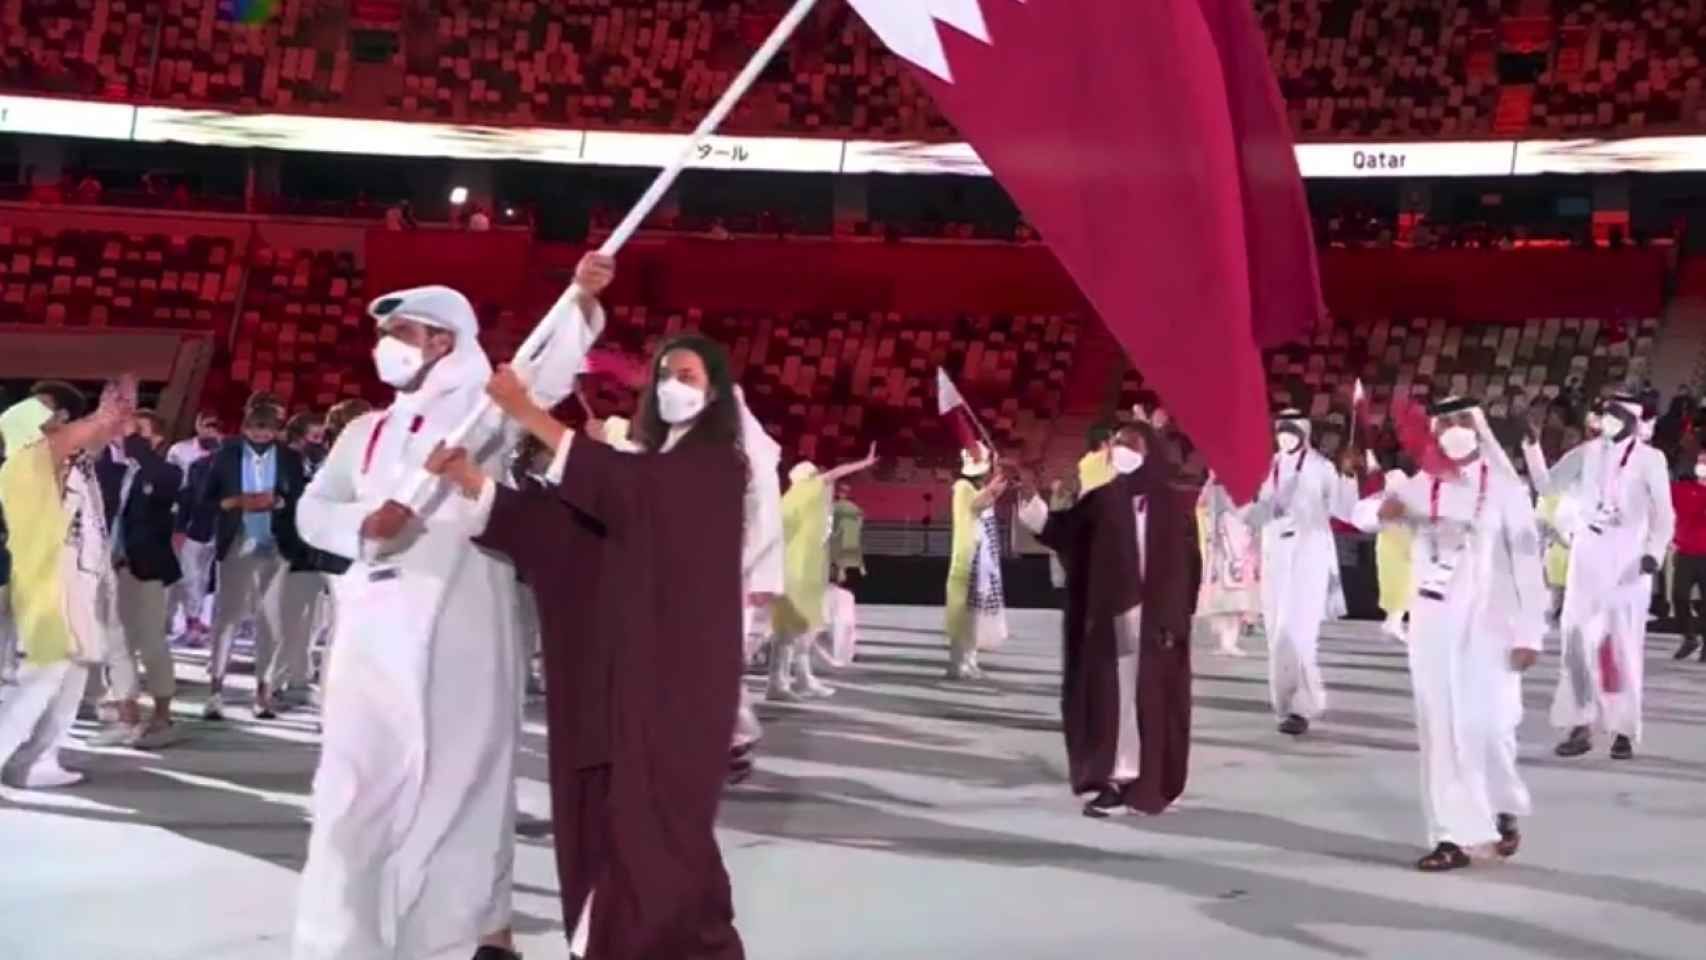 Tala Abujbara, la abanderada catarí, desfila sin velo durante la Ceremonia de Apertura de los JJOO de Tokio 2020